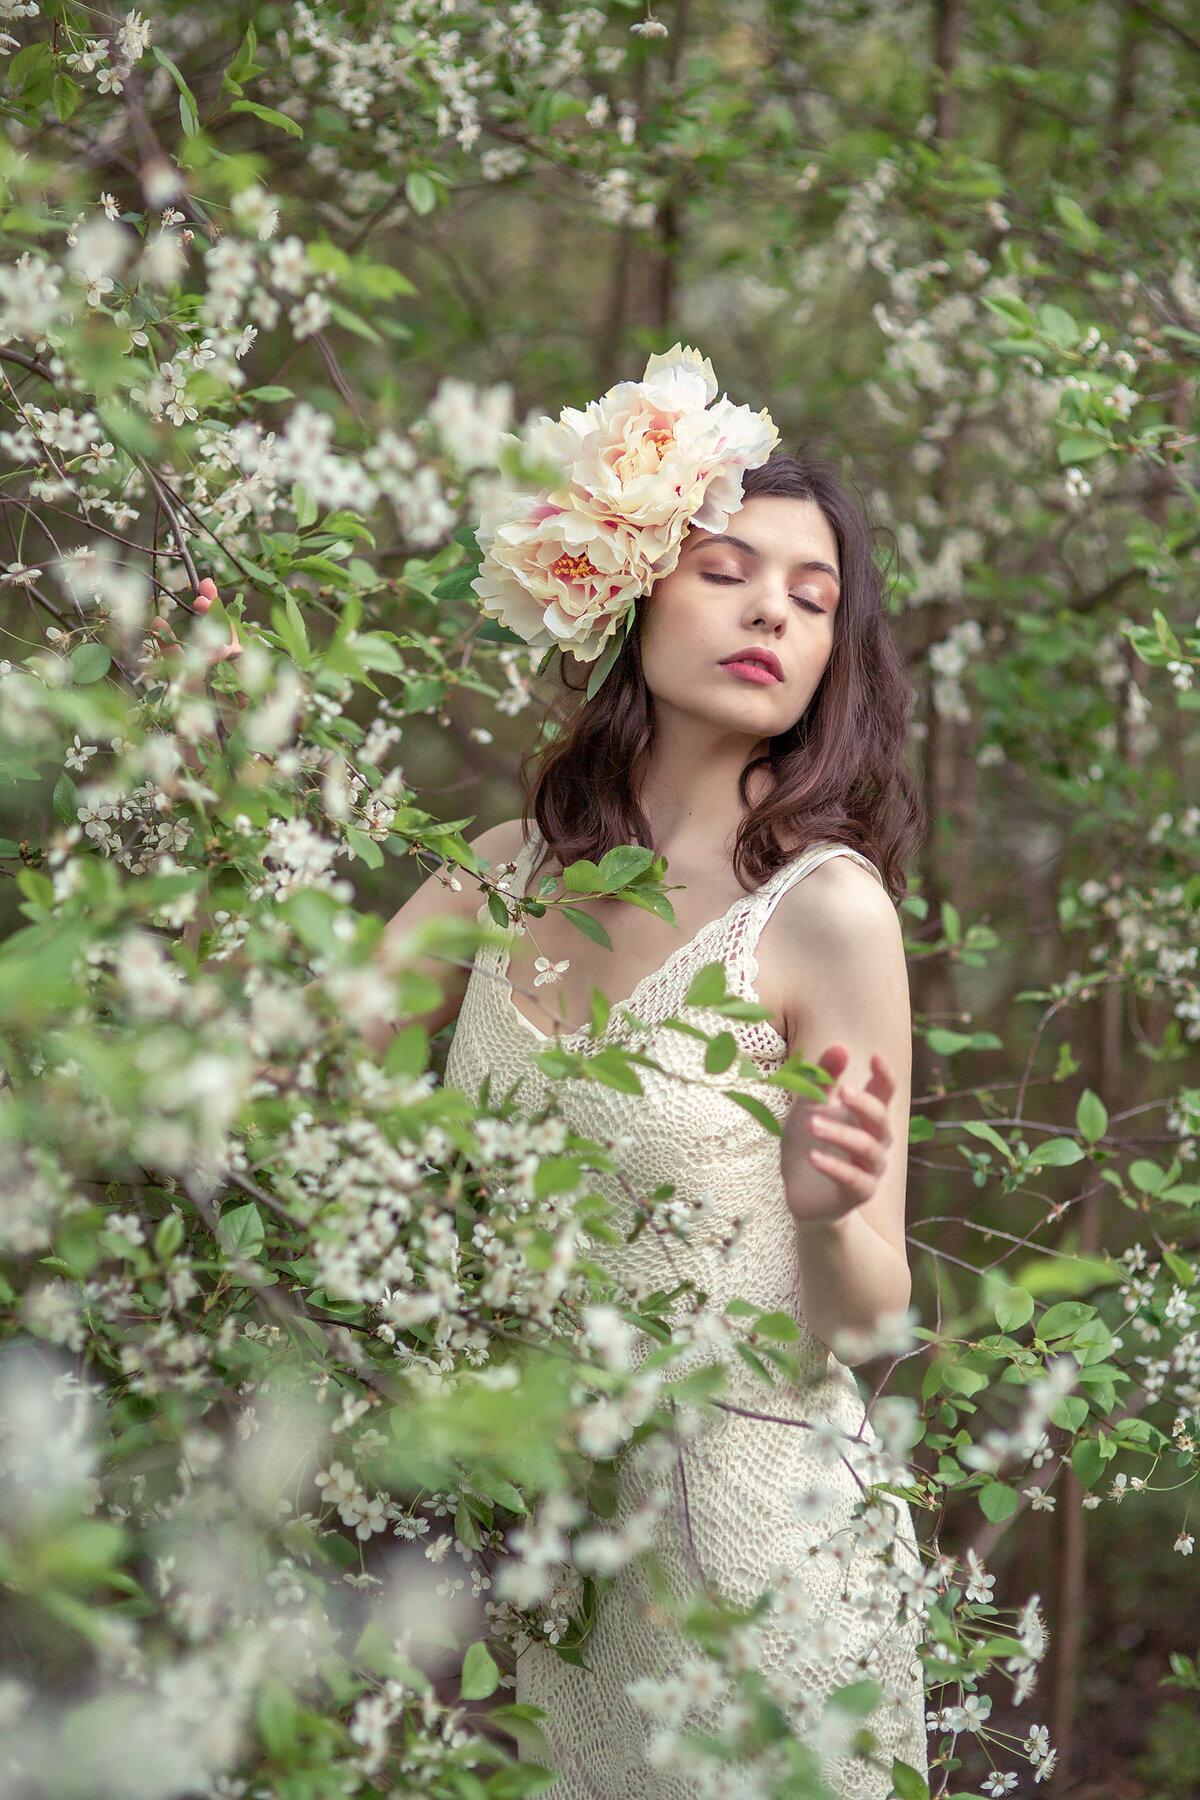 болезнь красивые места в челябинске для фотосессии весной мужчин